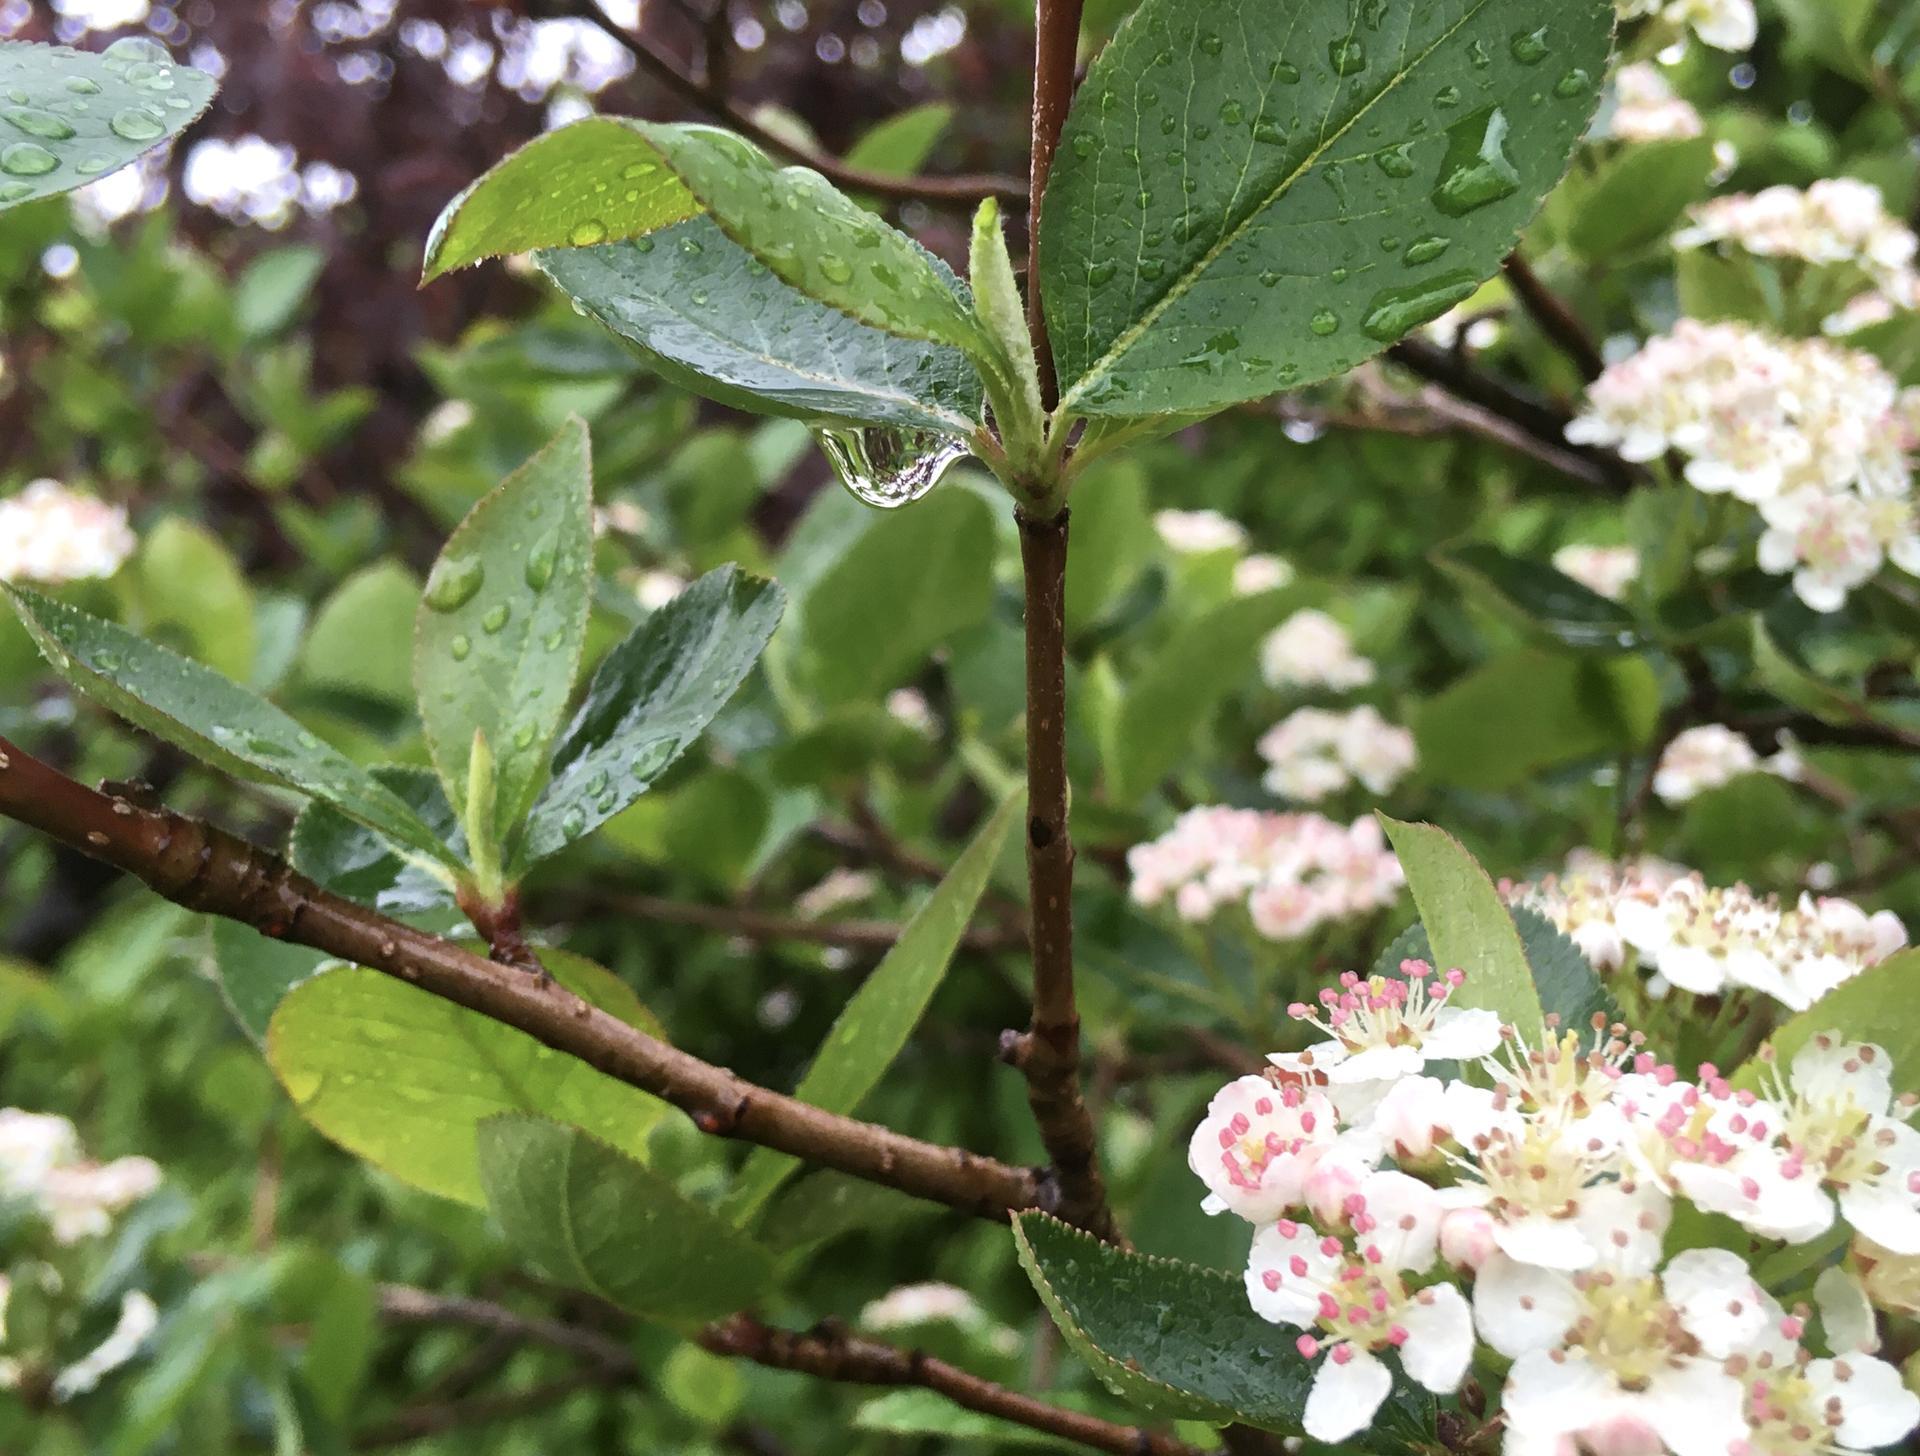 Zahrada 2020 - Konecne prsi 😃! Kapky deste na kvetouci aronii...